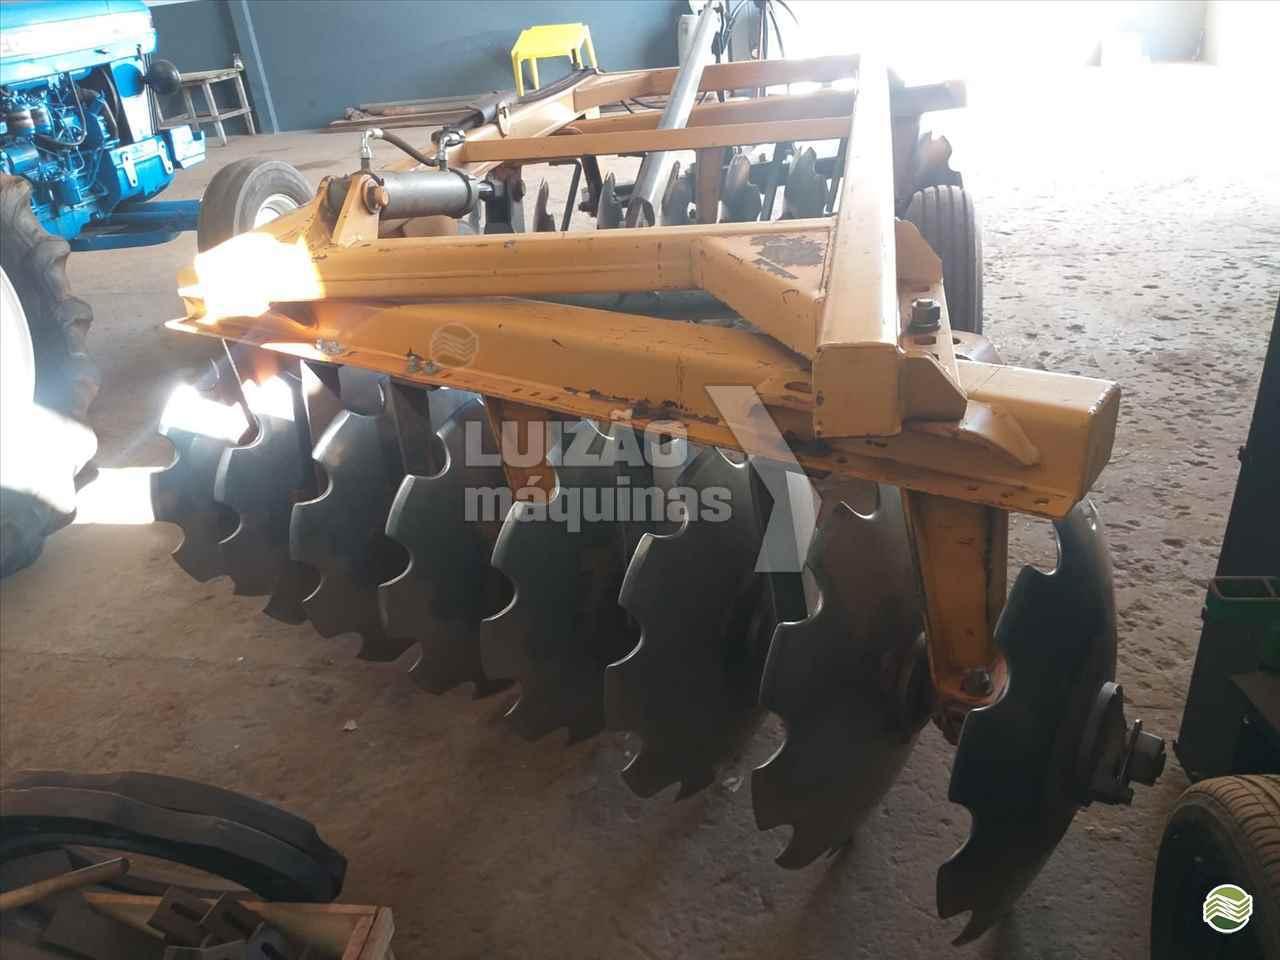 ARADORA 16 DISCOS de Luizão Máquinas Agrícolas - UMUARAMA/PR